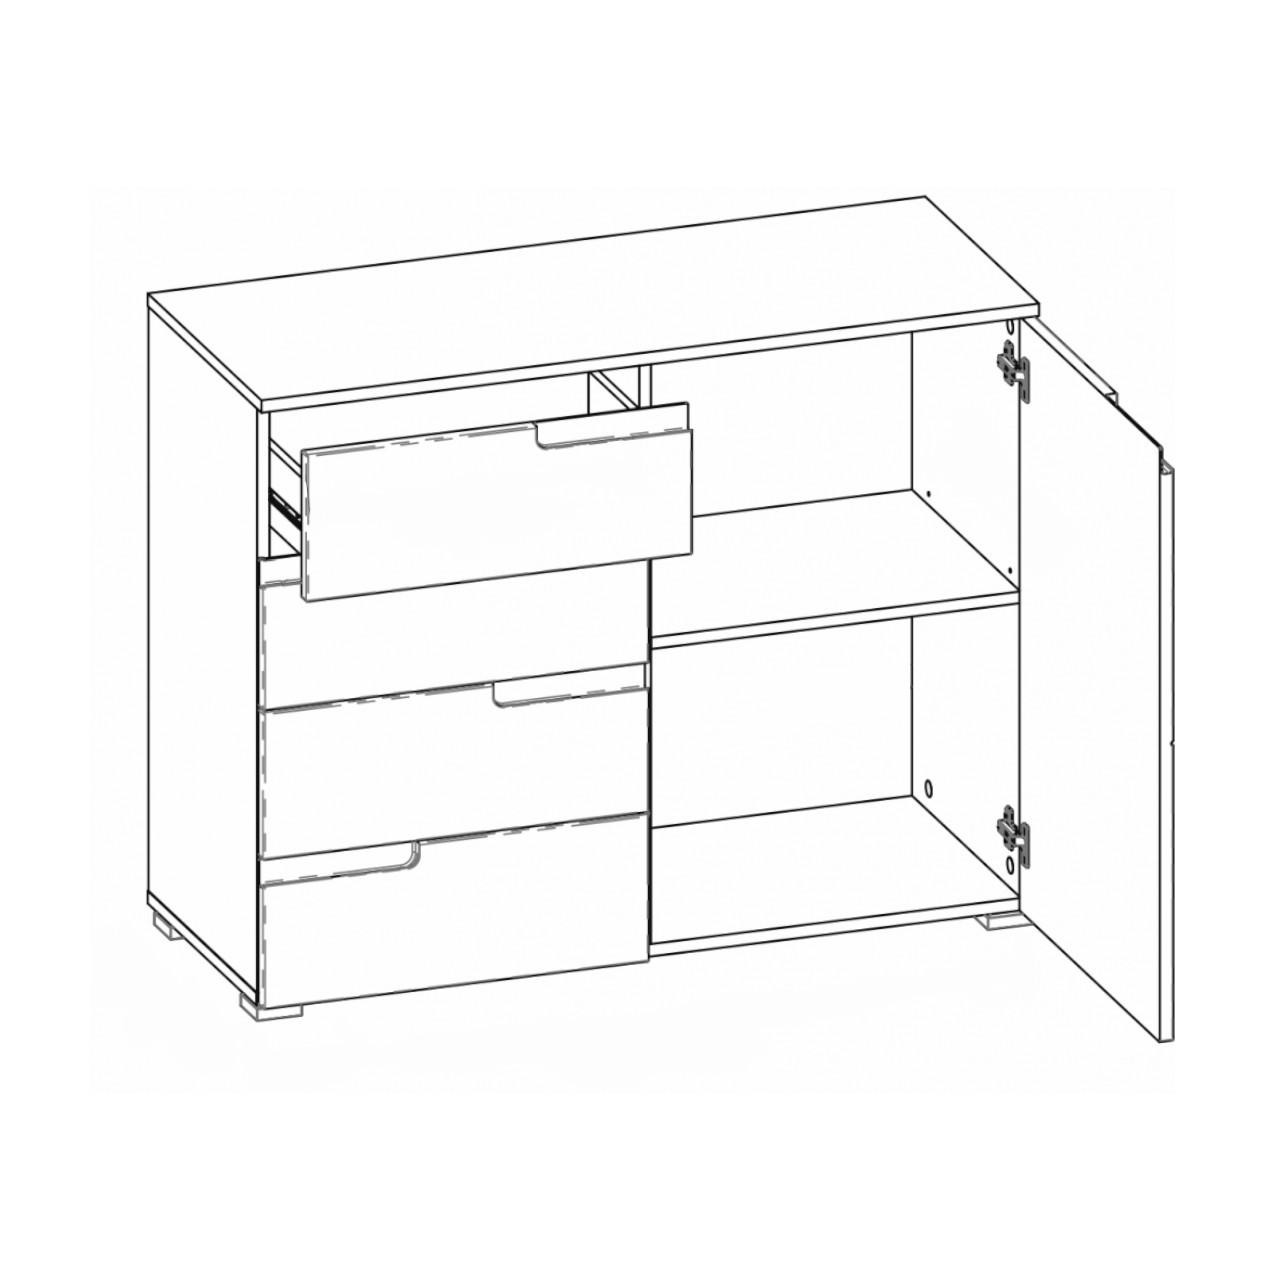 Komoda SELENE 5 1-drzwiowa z 4 szufladami biały połysk SZYNAKA MEBLE